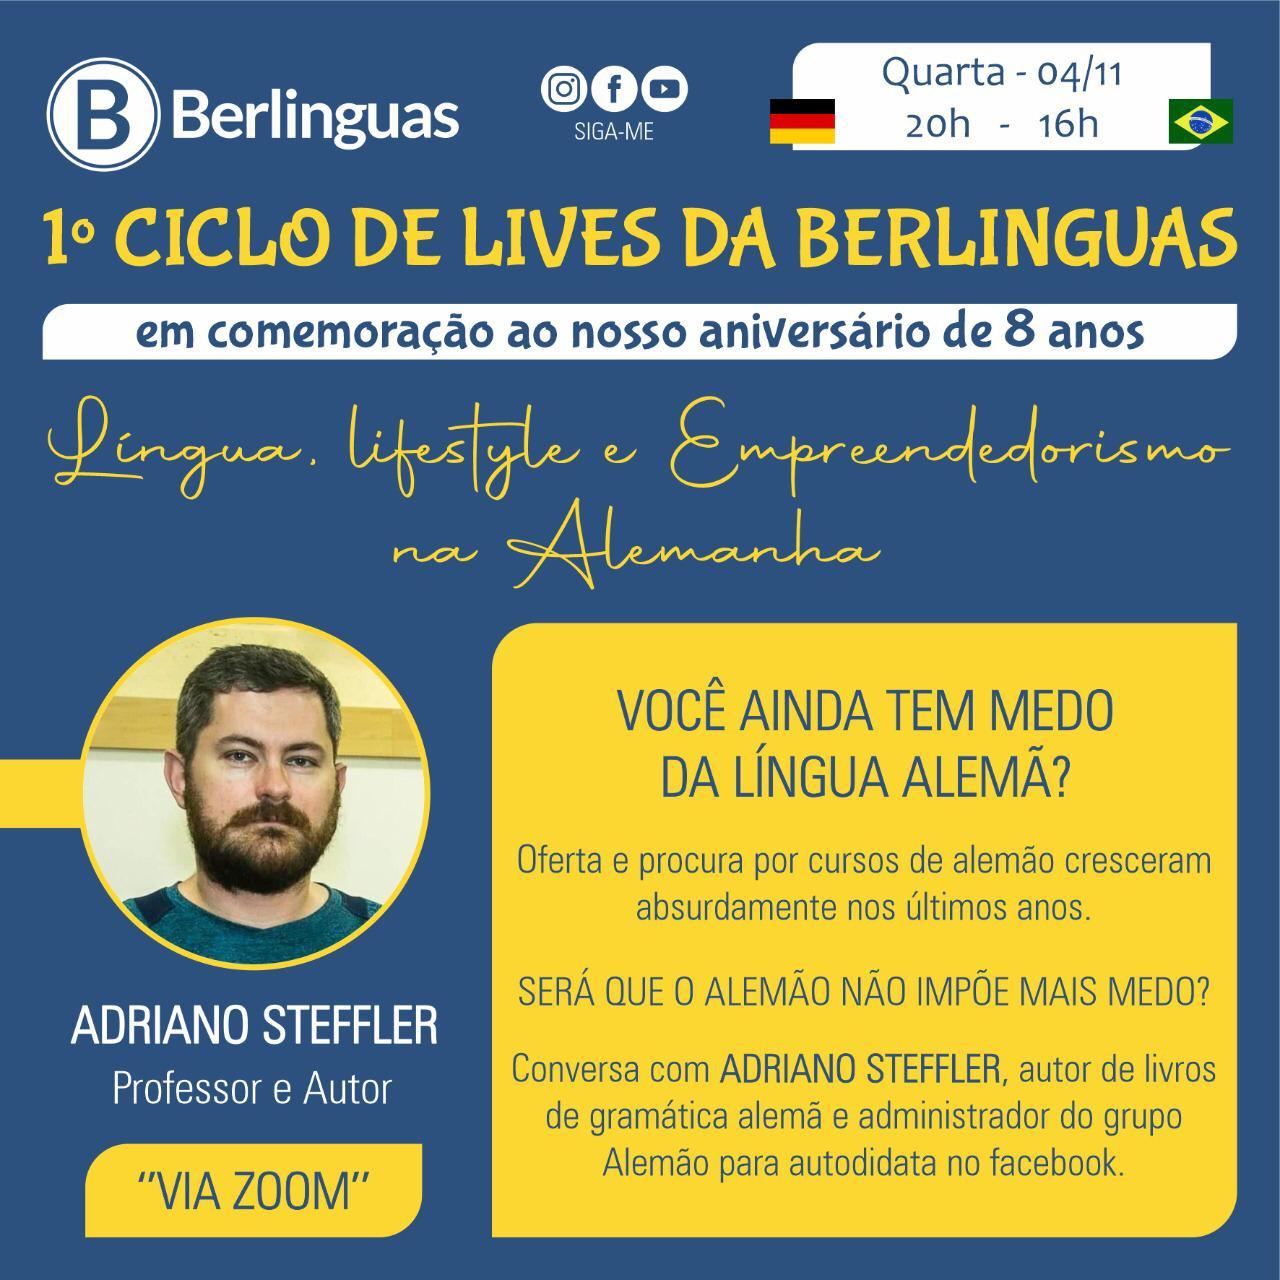 1-ciclo-de-lives-da-berlinguas-adriano-steffler